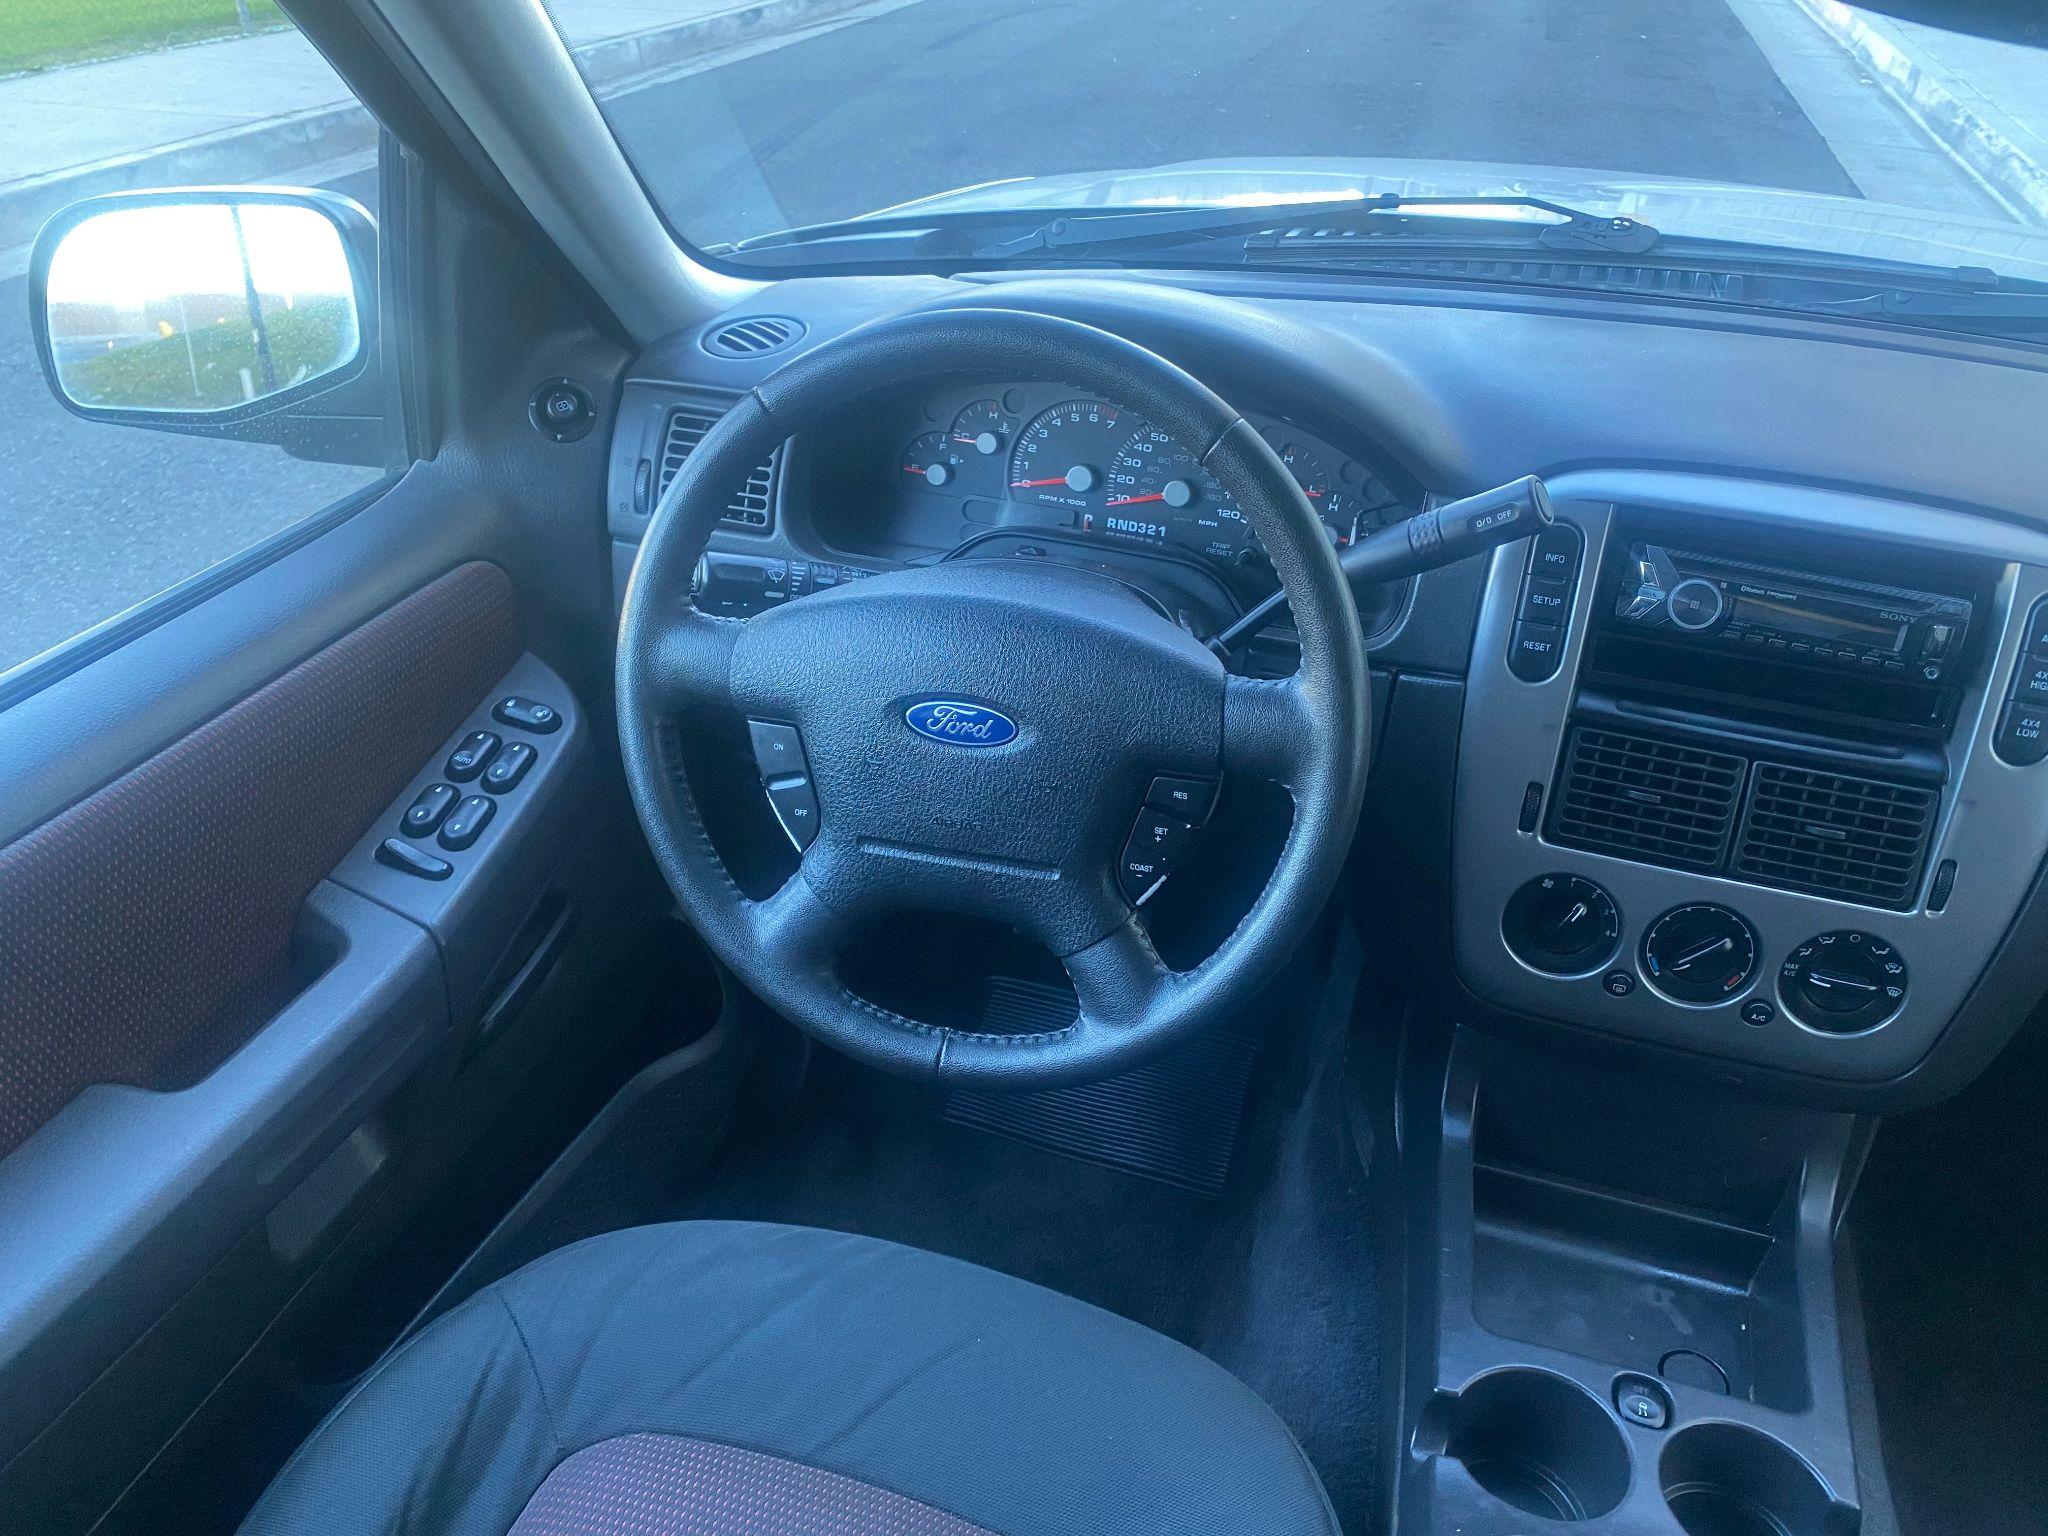 2005 Ford Explorer XLT Sport